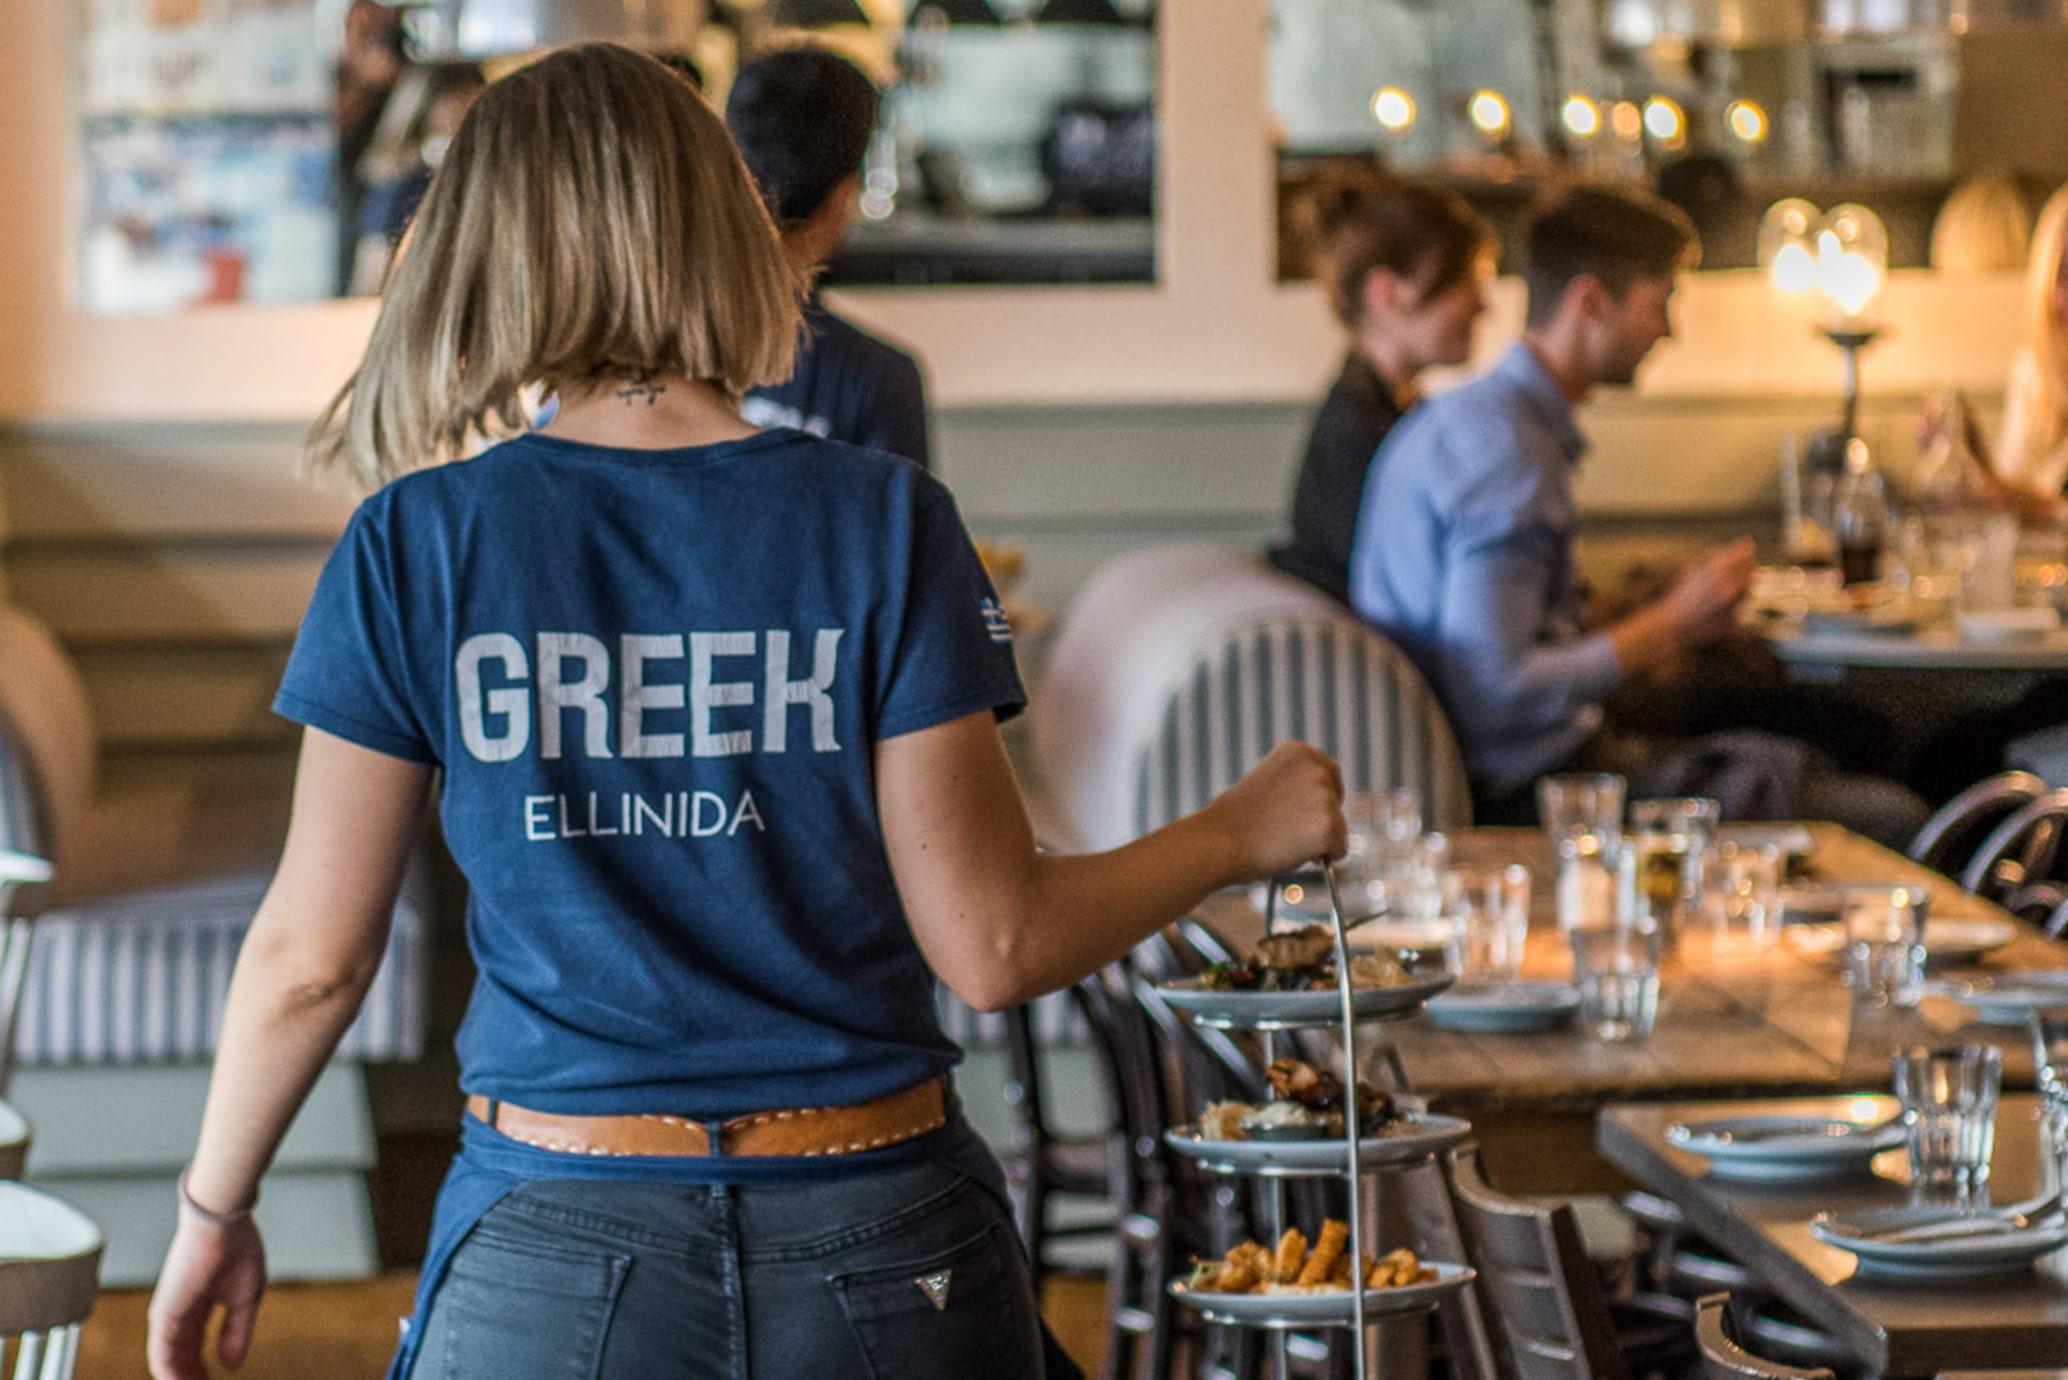 The Real Greek - Greek Food & Ingredients - Bankside